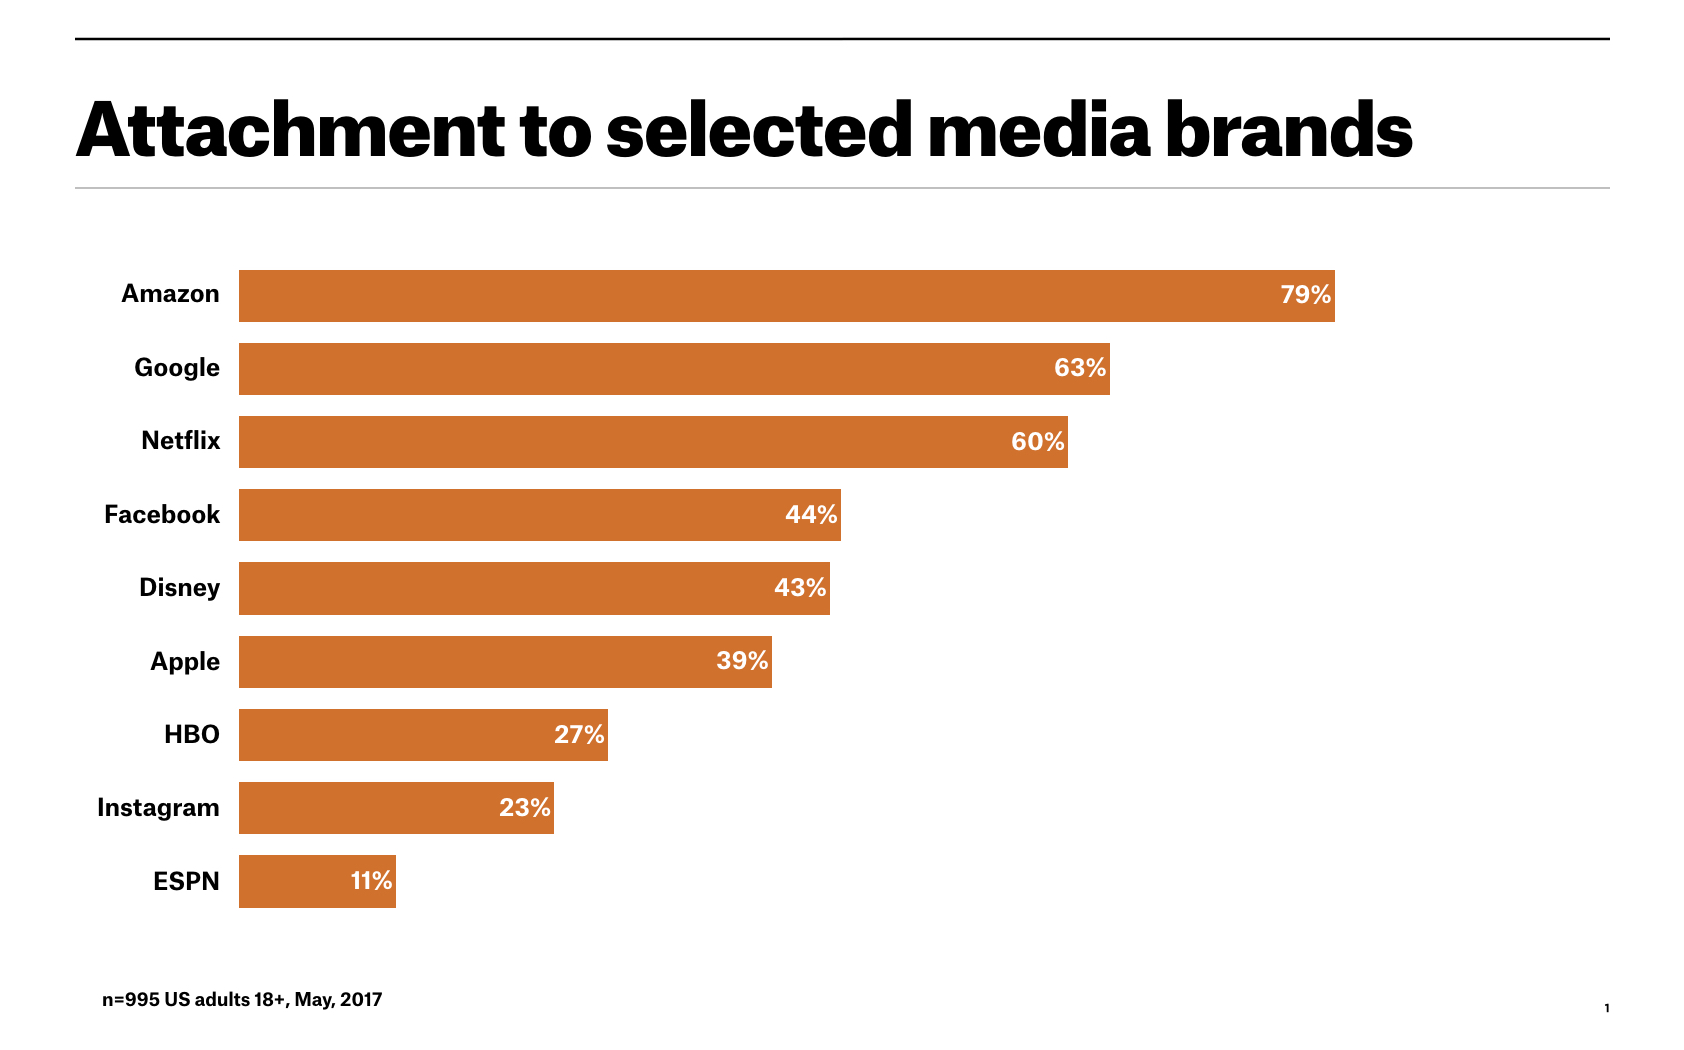 Media brand attachment